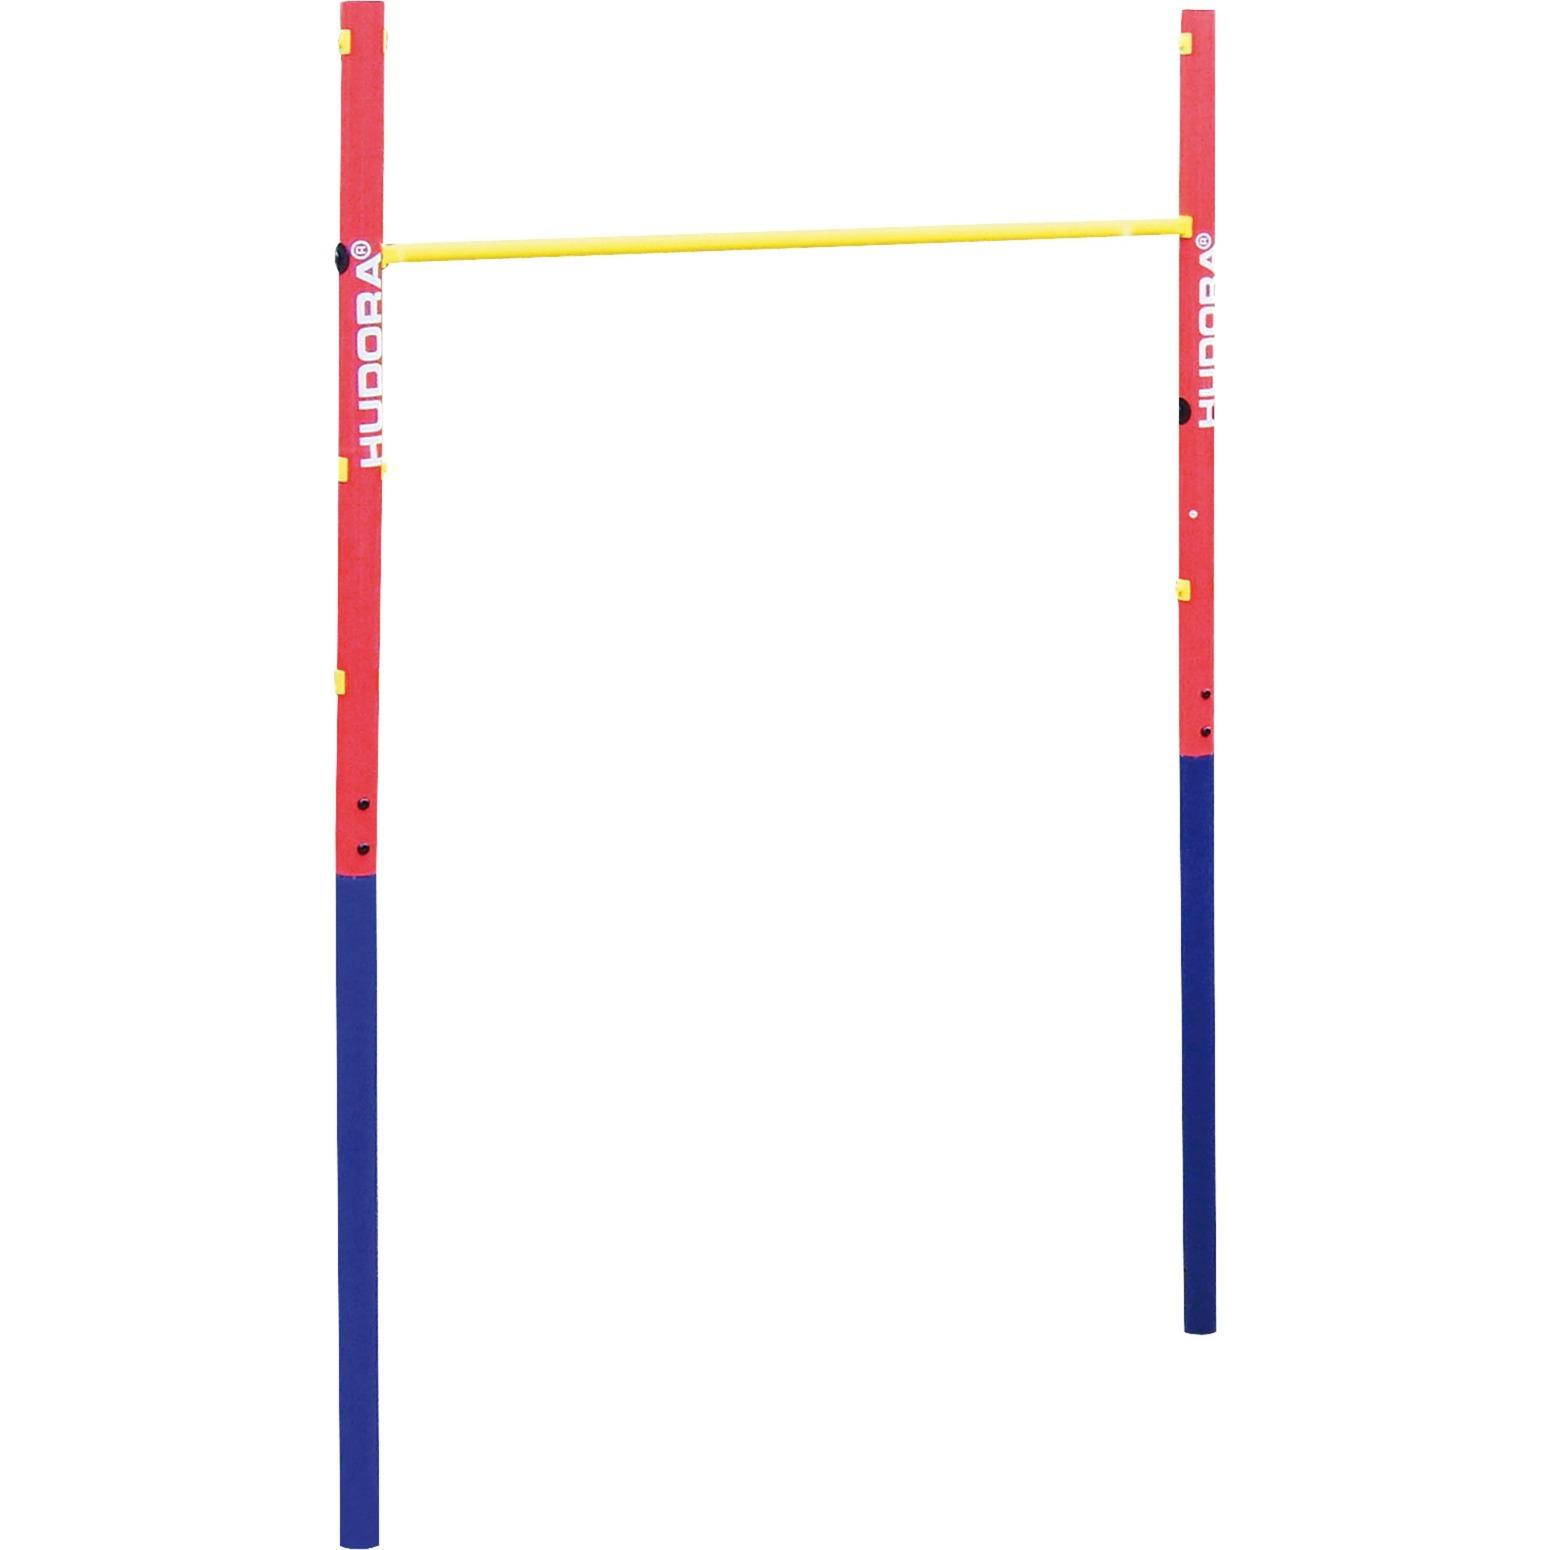 Fabian - Barre Fixe De Gymnastique, Appareil De Fitness (Rouge/bleu) encequiconcerne Barre De Gymnastique Pour Jardin